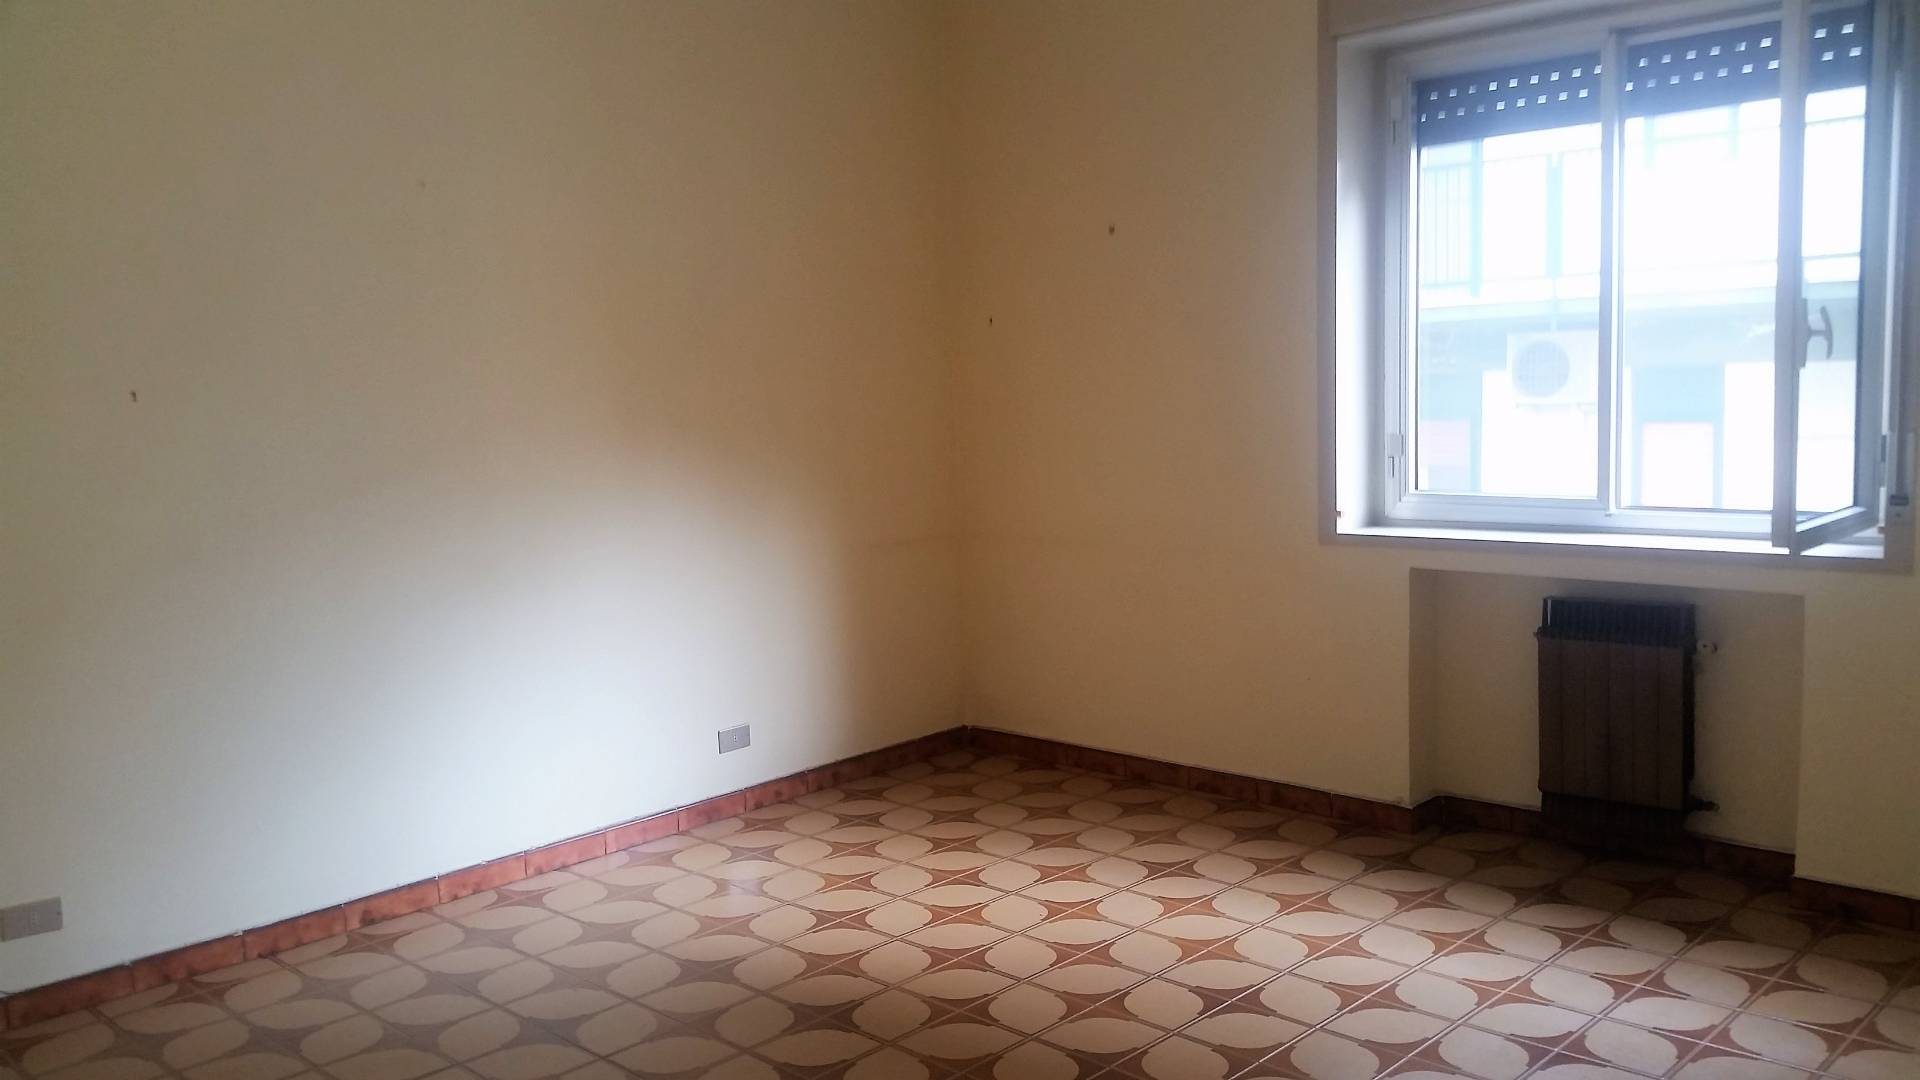 Appartamento in affitto a Agrigento, 4 locali, zona Zona: Centro, prezzo € 100.000 | CambioCasa.it